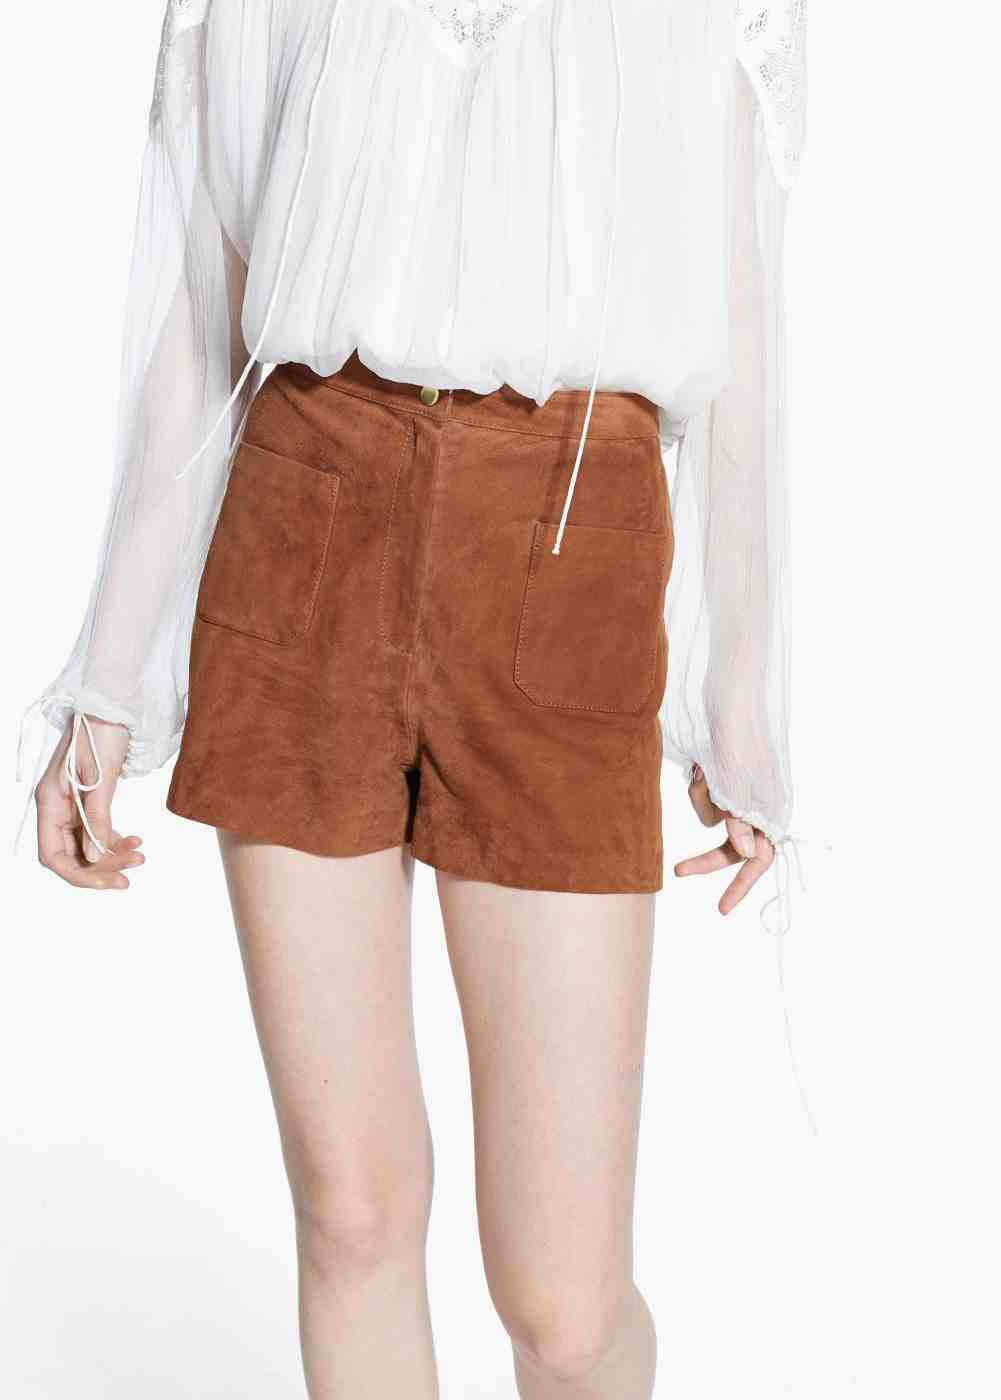 Mang0 - Short(70 €)